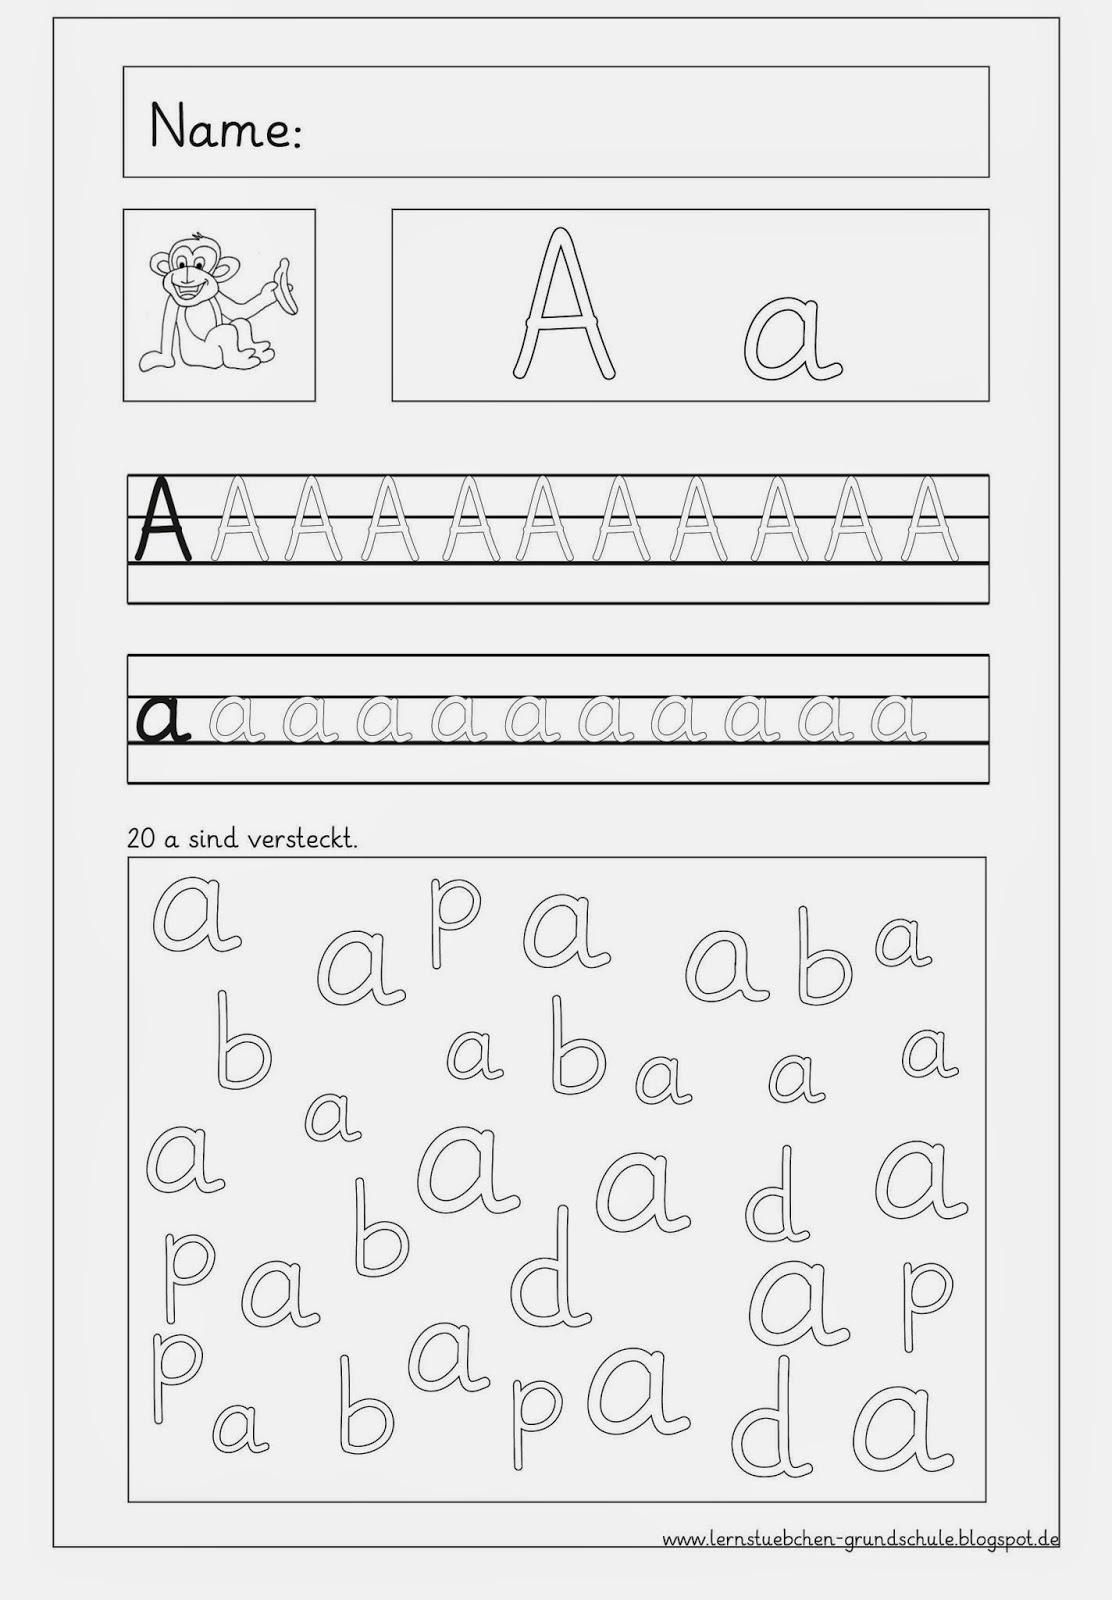 Lernstübchen: Vertiefungsblätter zu den eingeführten Buchstaben....